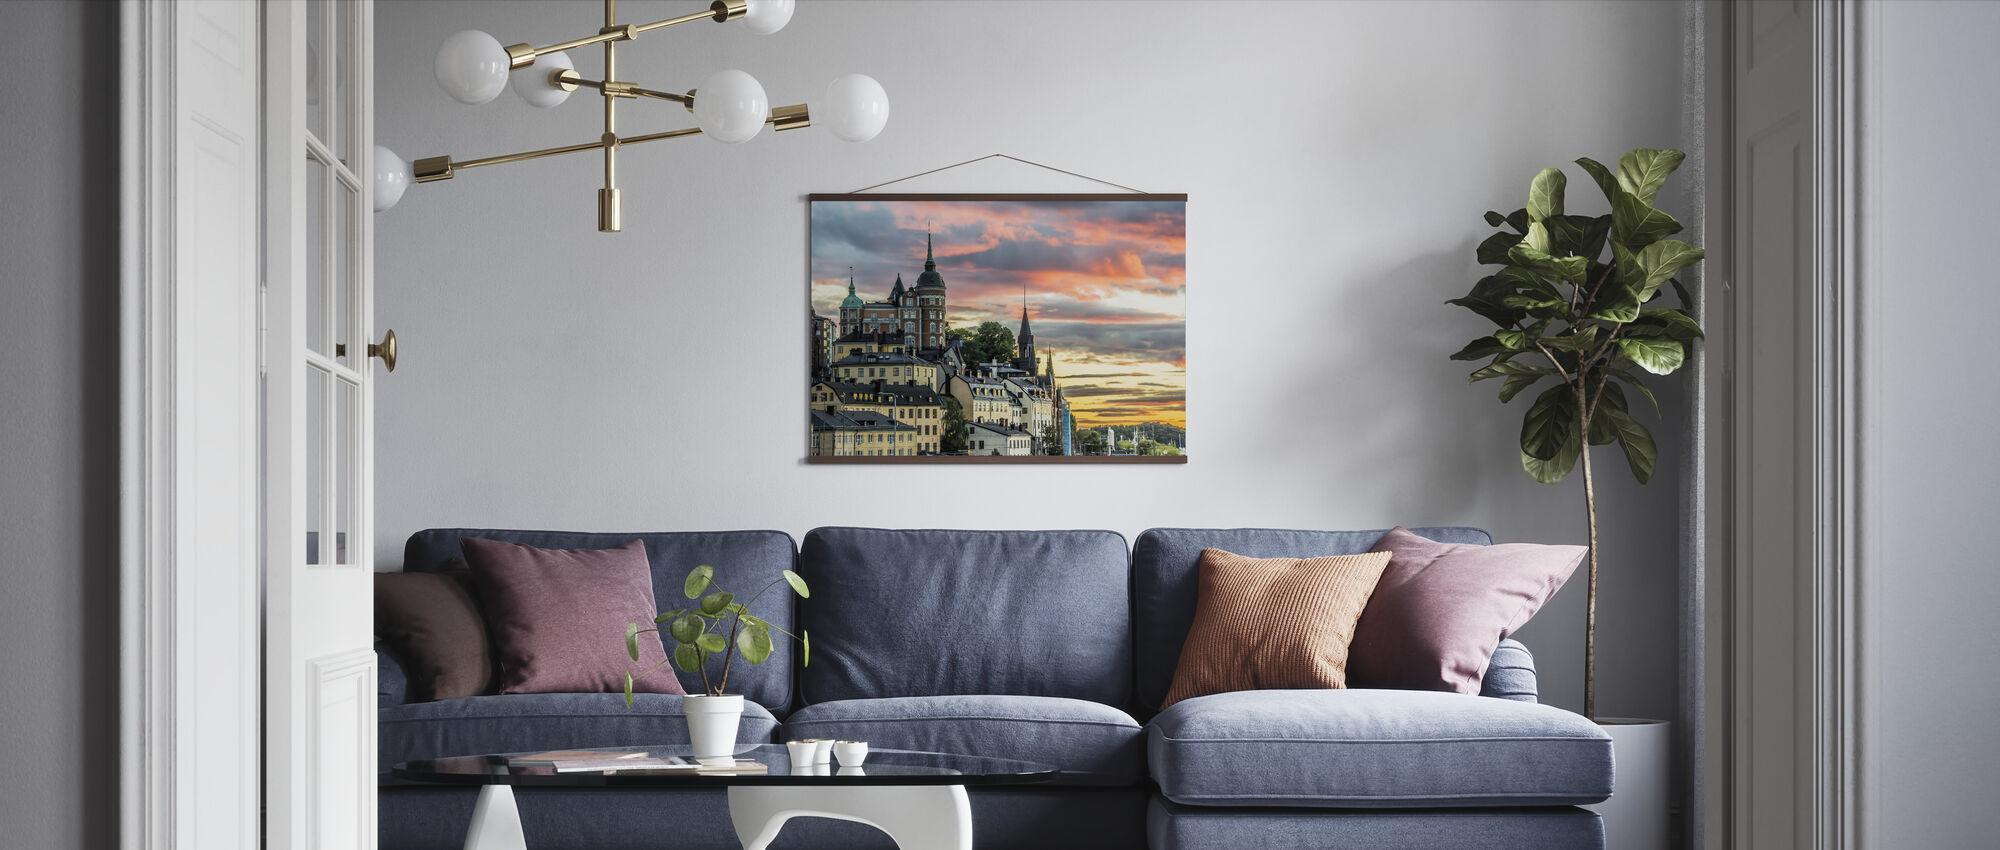 Stockholm Sunset - Poster - Living Room